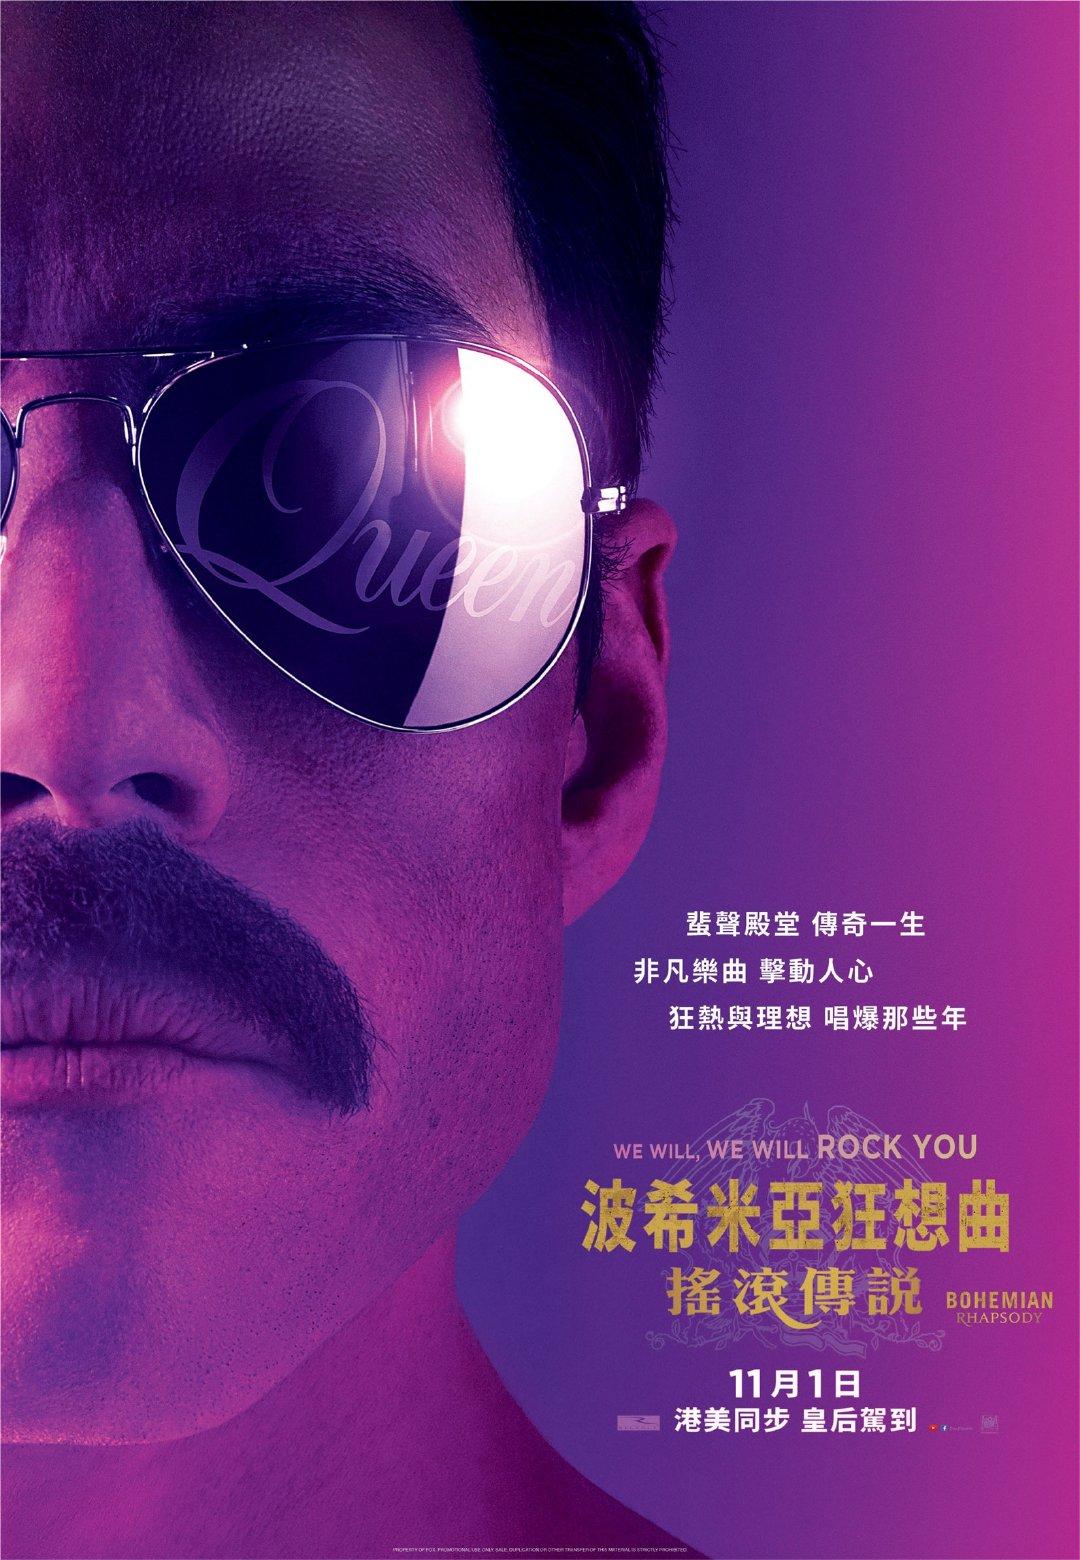 波西米亚狂想曲 [获本届奥斯卡最佳男主角,提名奥斯卡等多个电影奖的最佳影片,主要描述皇后乐队和主唱弗雷迪·默丘里在业界打滚的十五年]